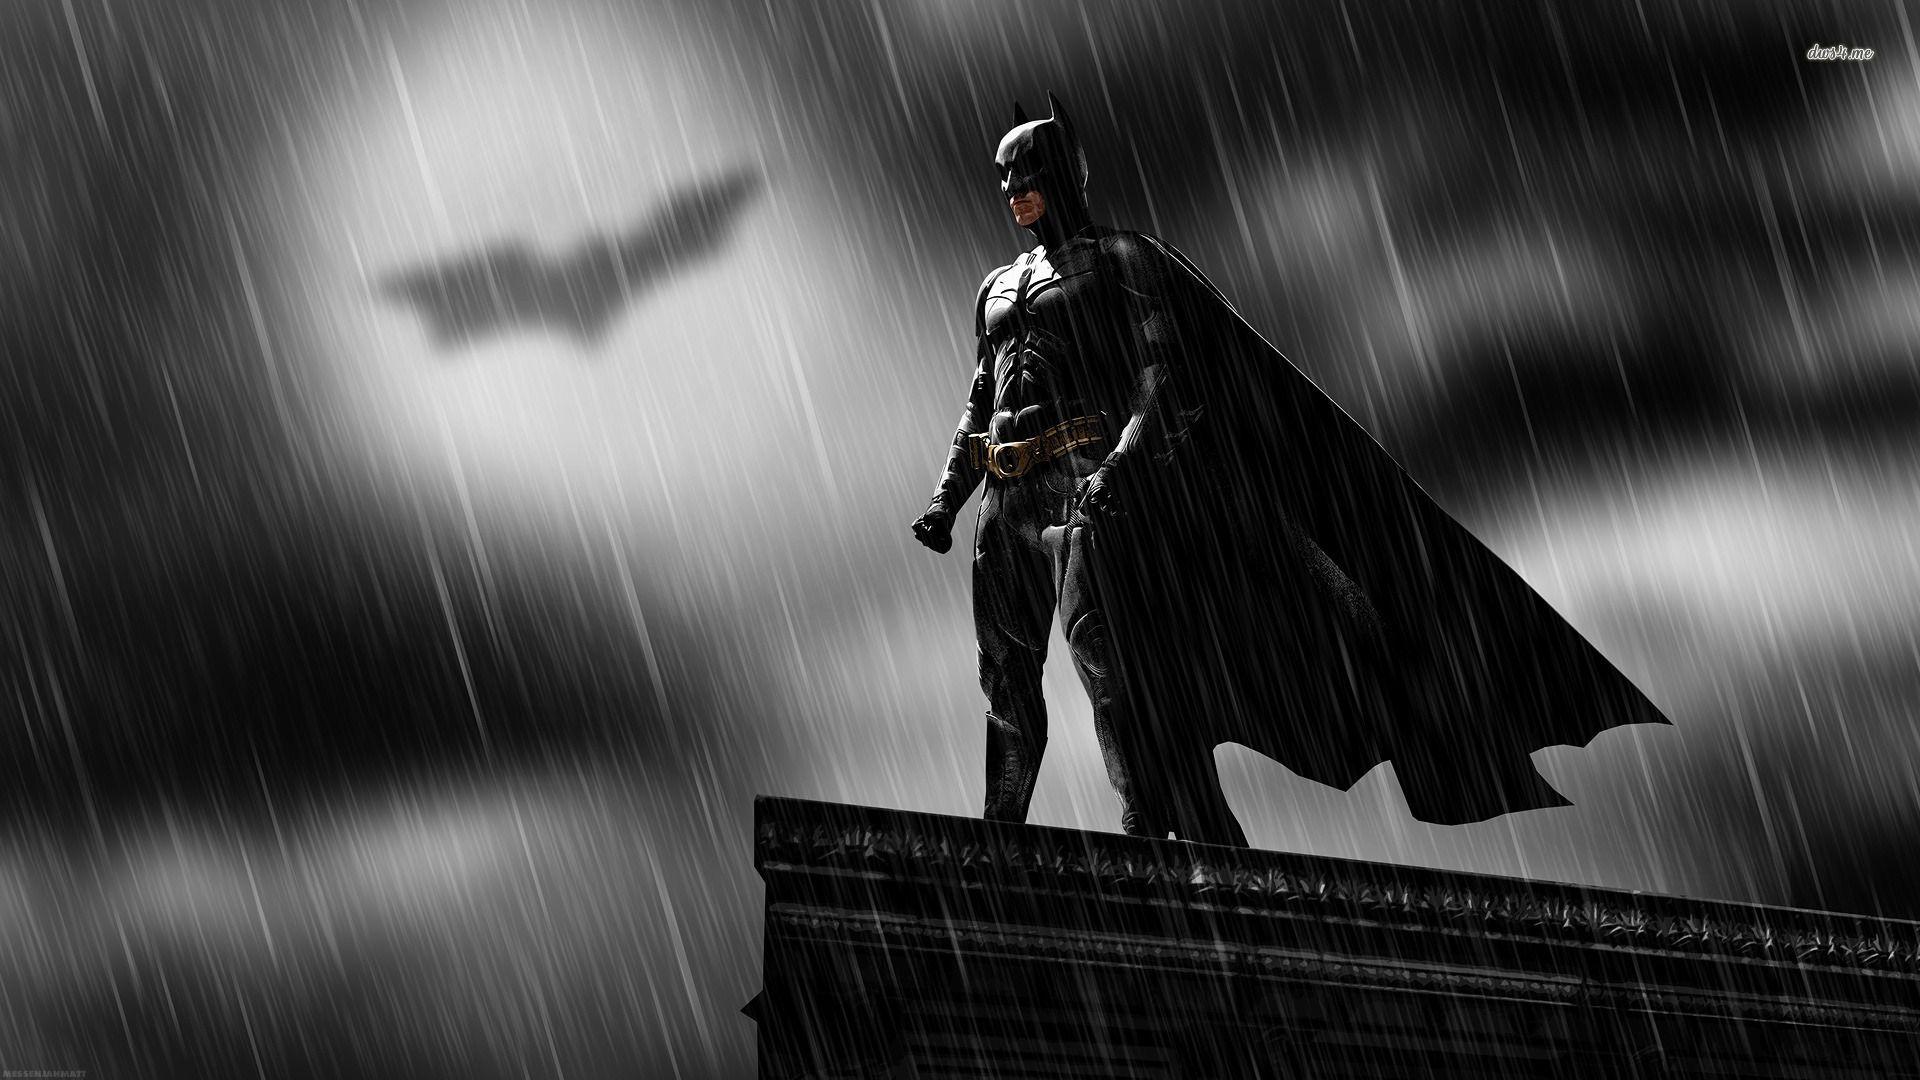 Batman Vs Superman Wallpapers Wallpaper